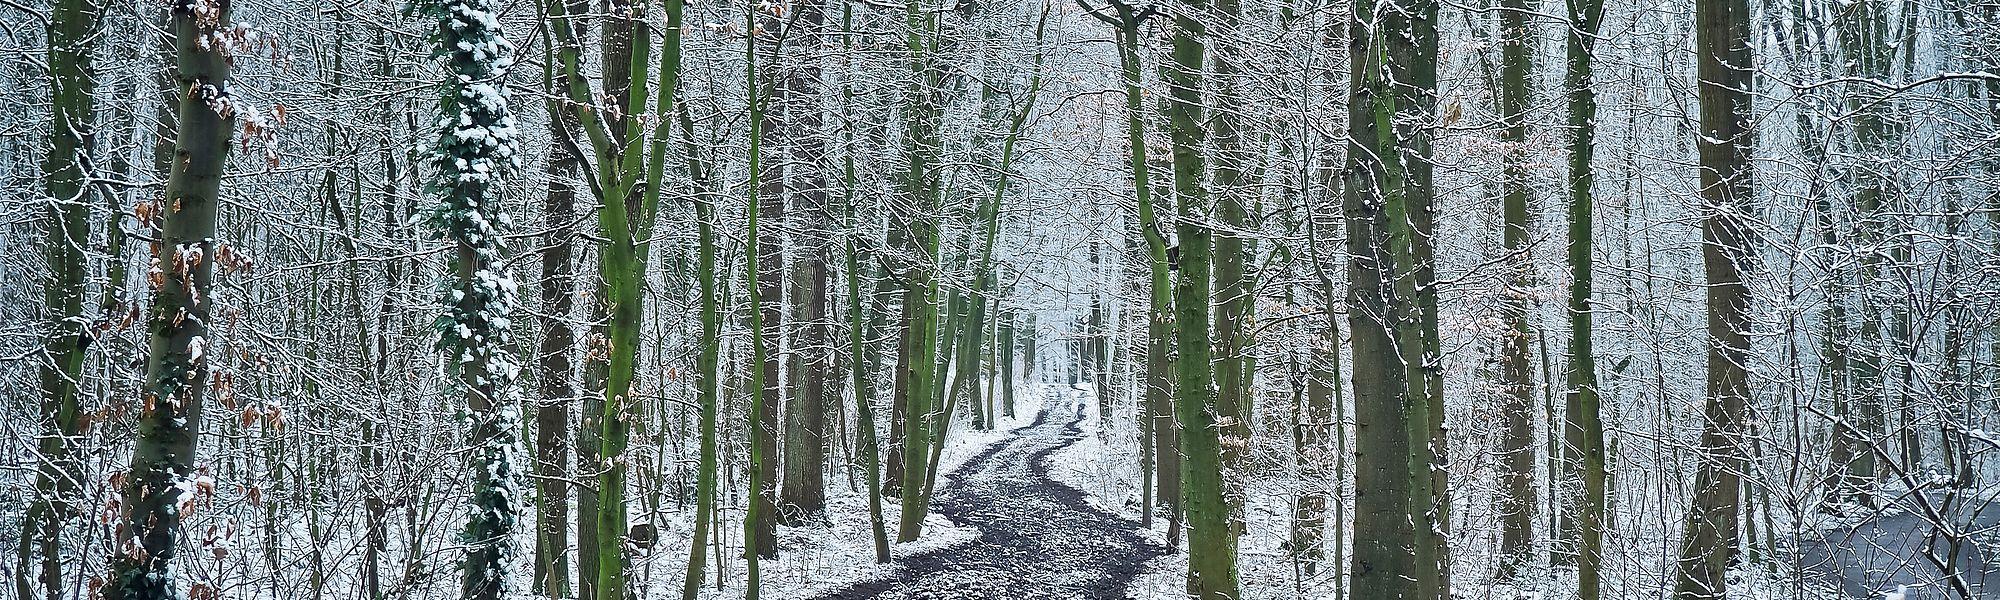 Winterspaziergänge durch die verschneiten Wälder